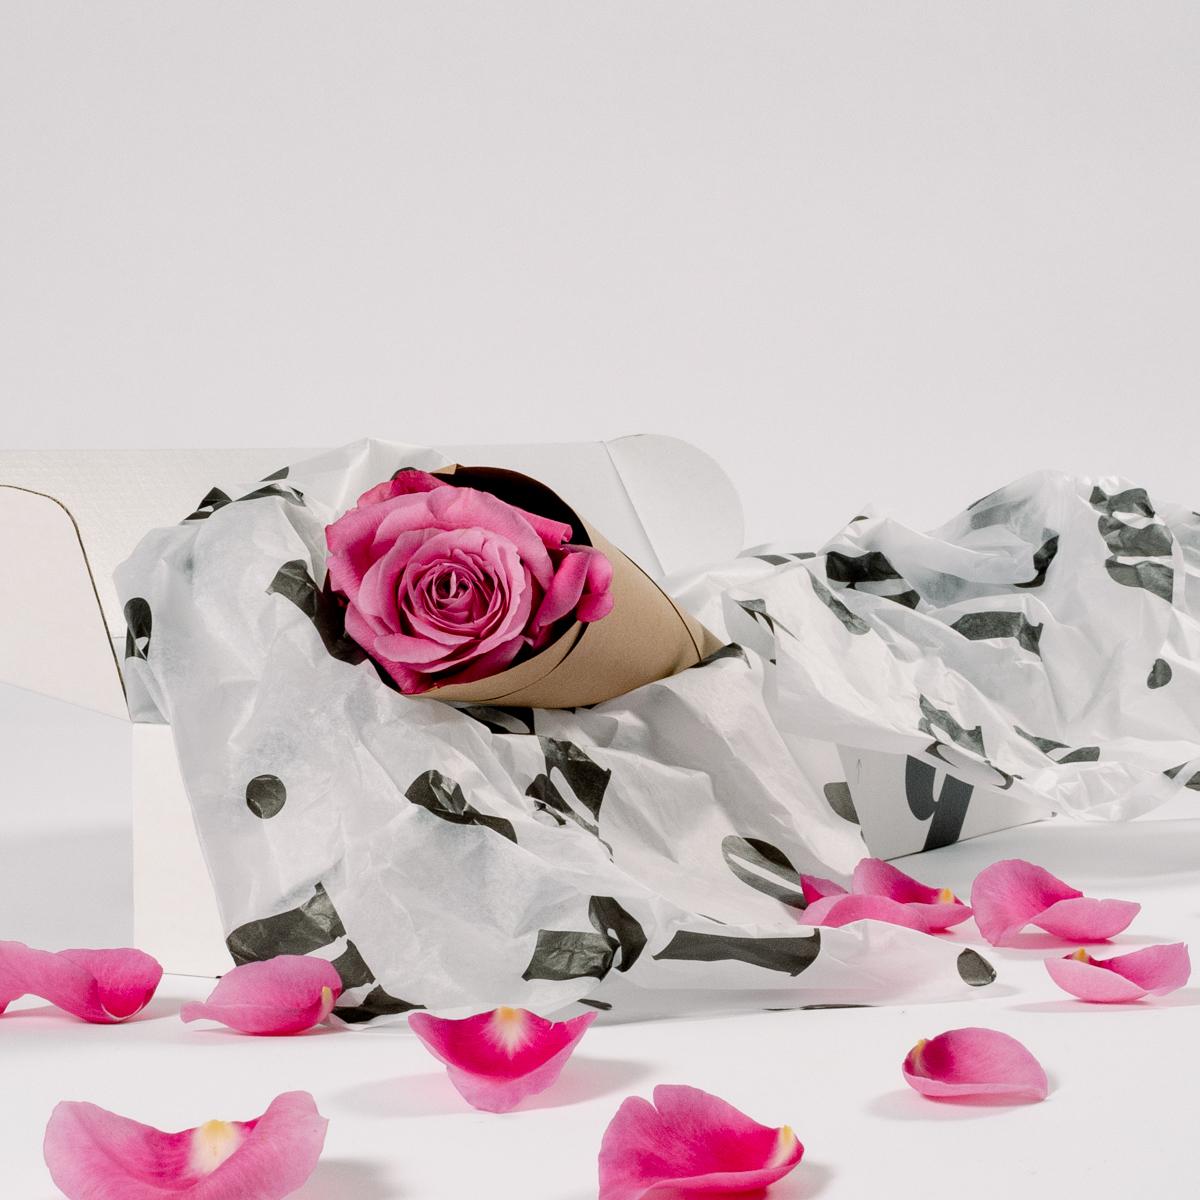 Bloom Flower Delivery | Single Stem Hot Pink Rose